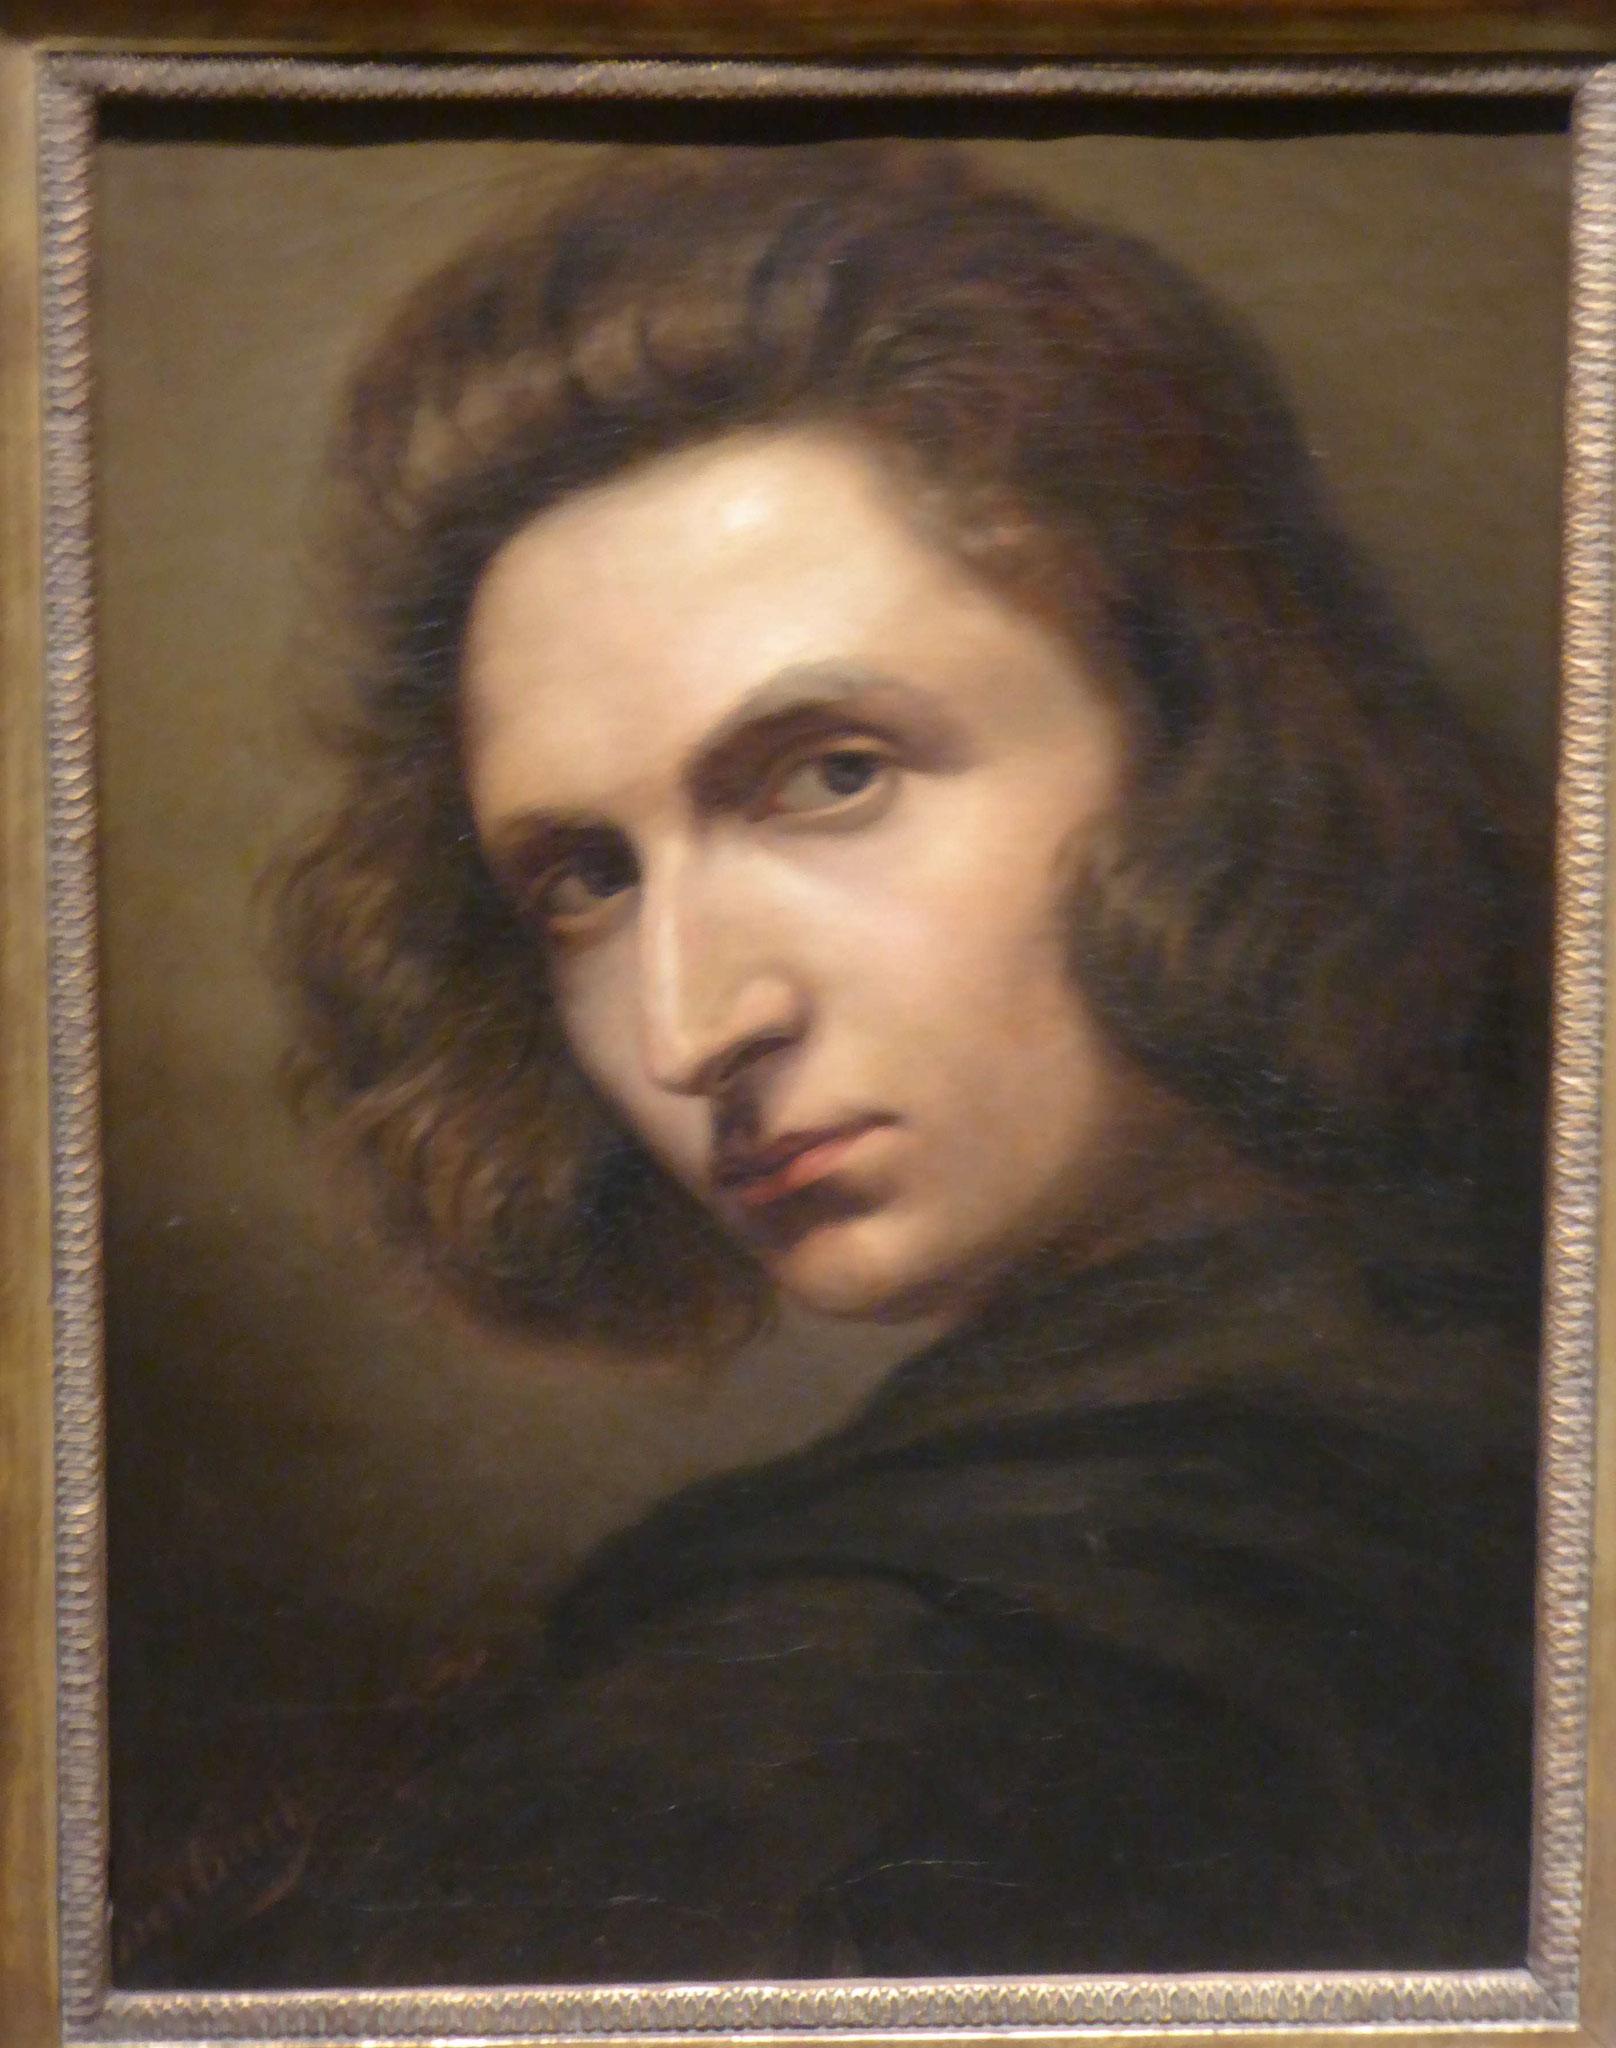 Ansel Feuerbach, Selbstportrait, Germanisches Nationalmuseum Nürnberg